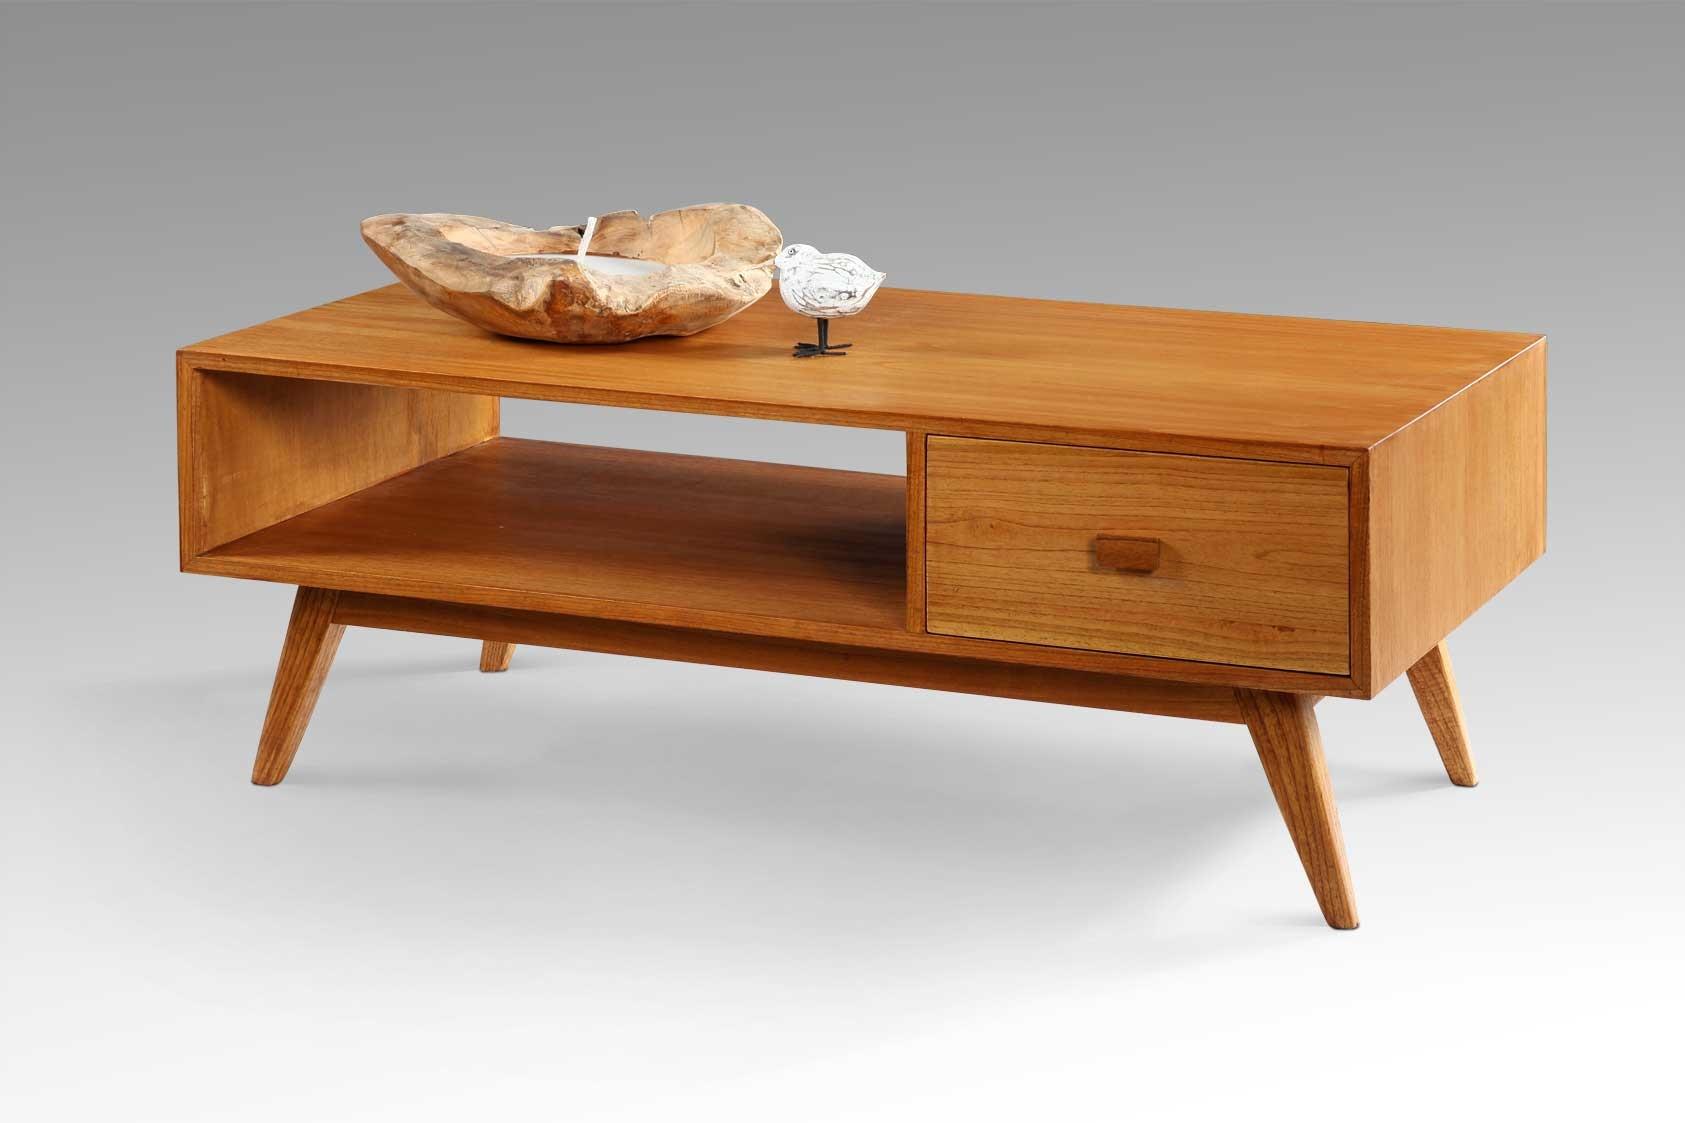 retro sofabord Køb Flot retro sofabord i træ m/skuffe   Gratis fragt retro sofabord